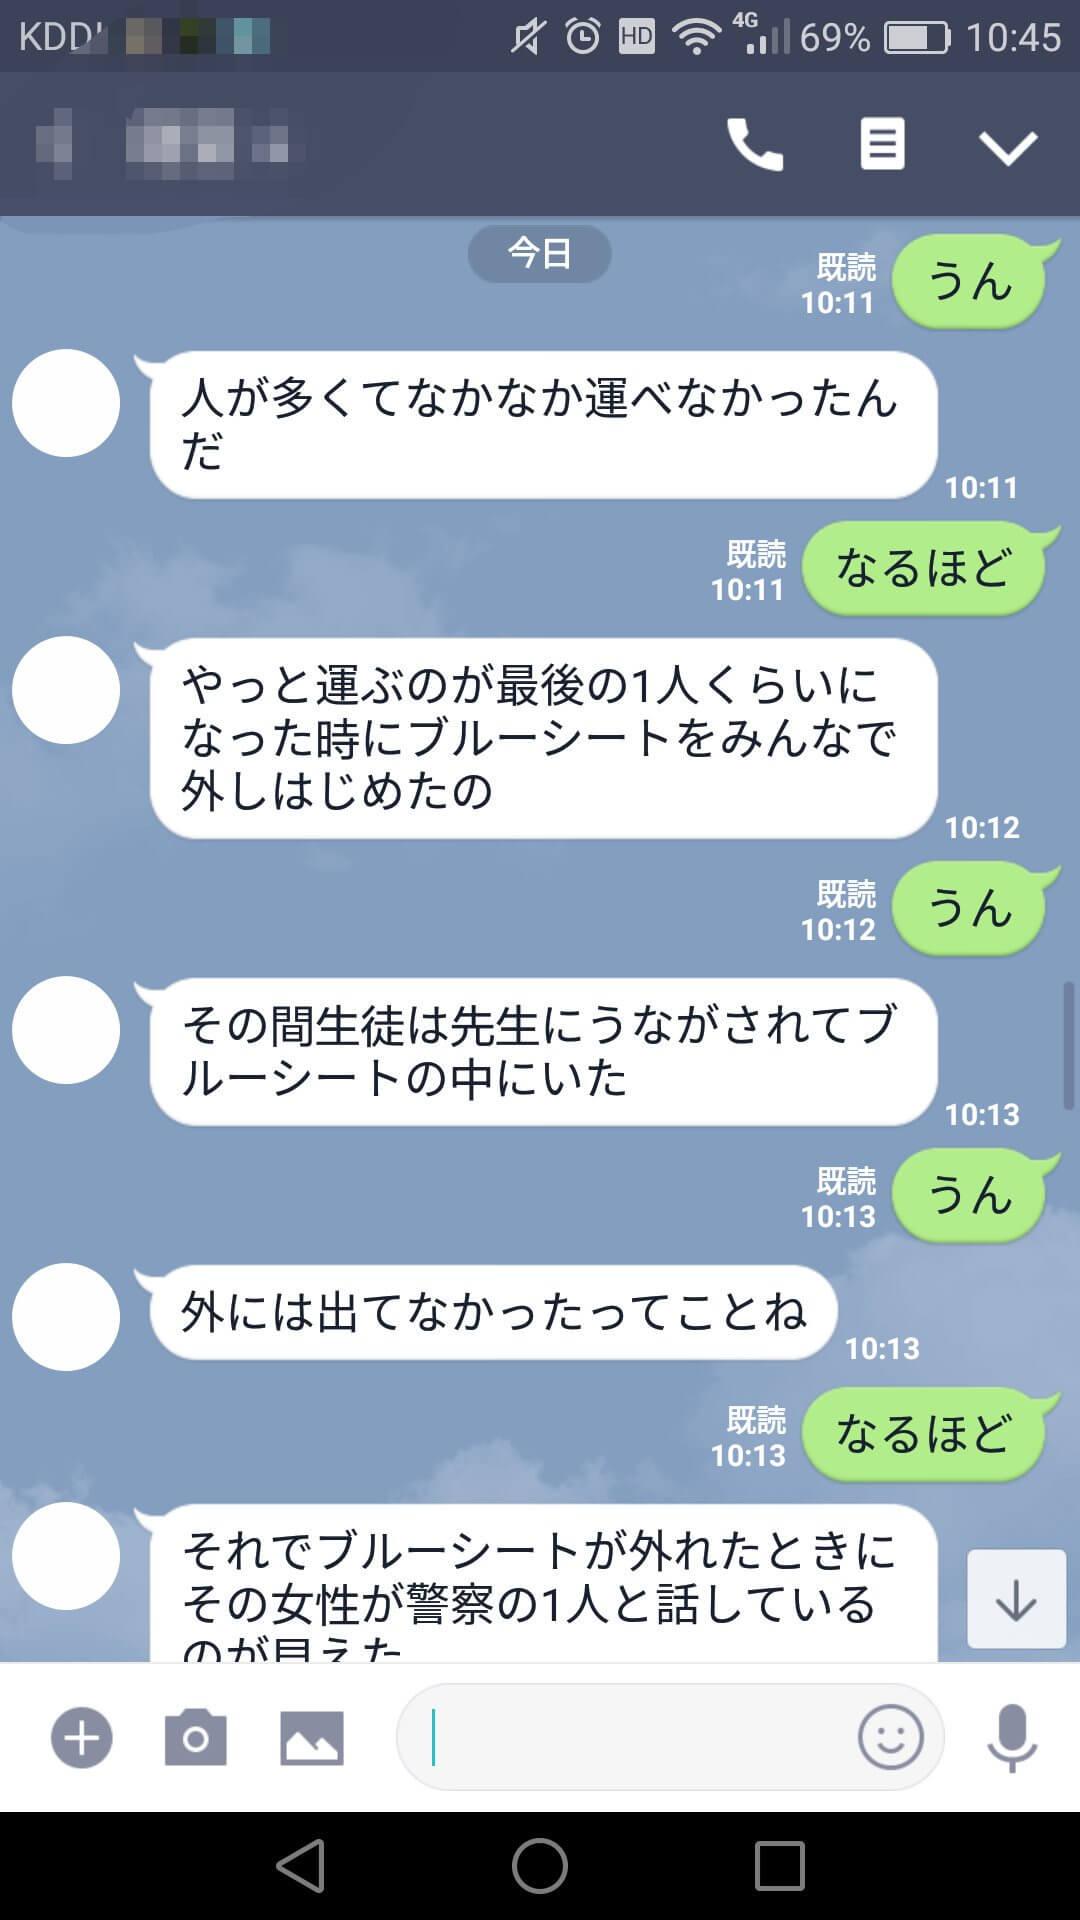 新橋駅前SL広場の騒動についてさなさん(@sana_seria)が関係者に事実関係を確認したキャプチャ画像7